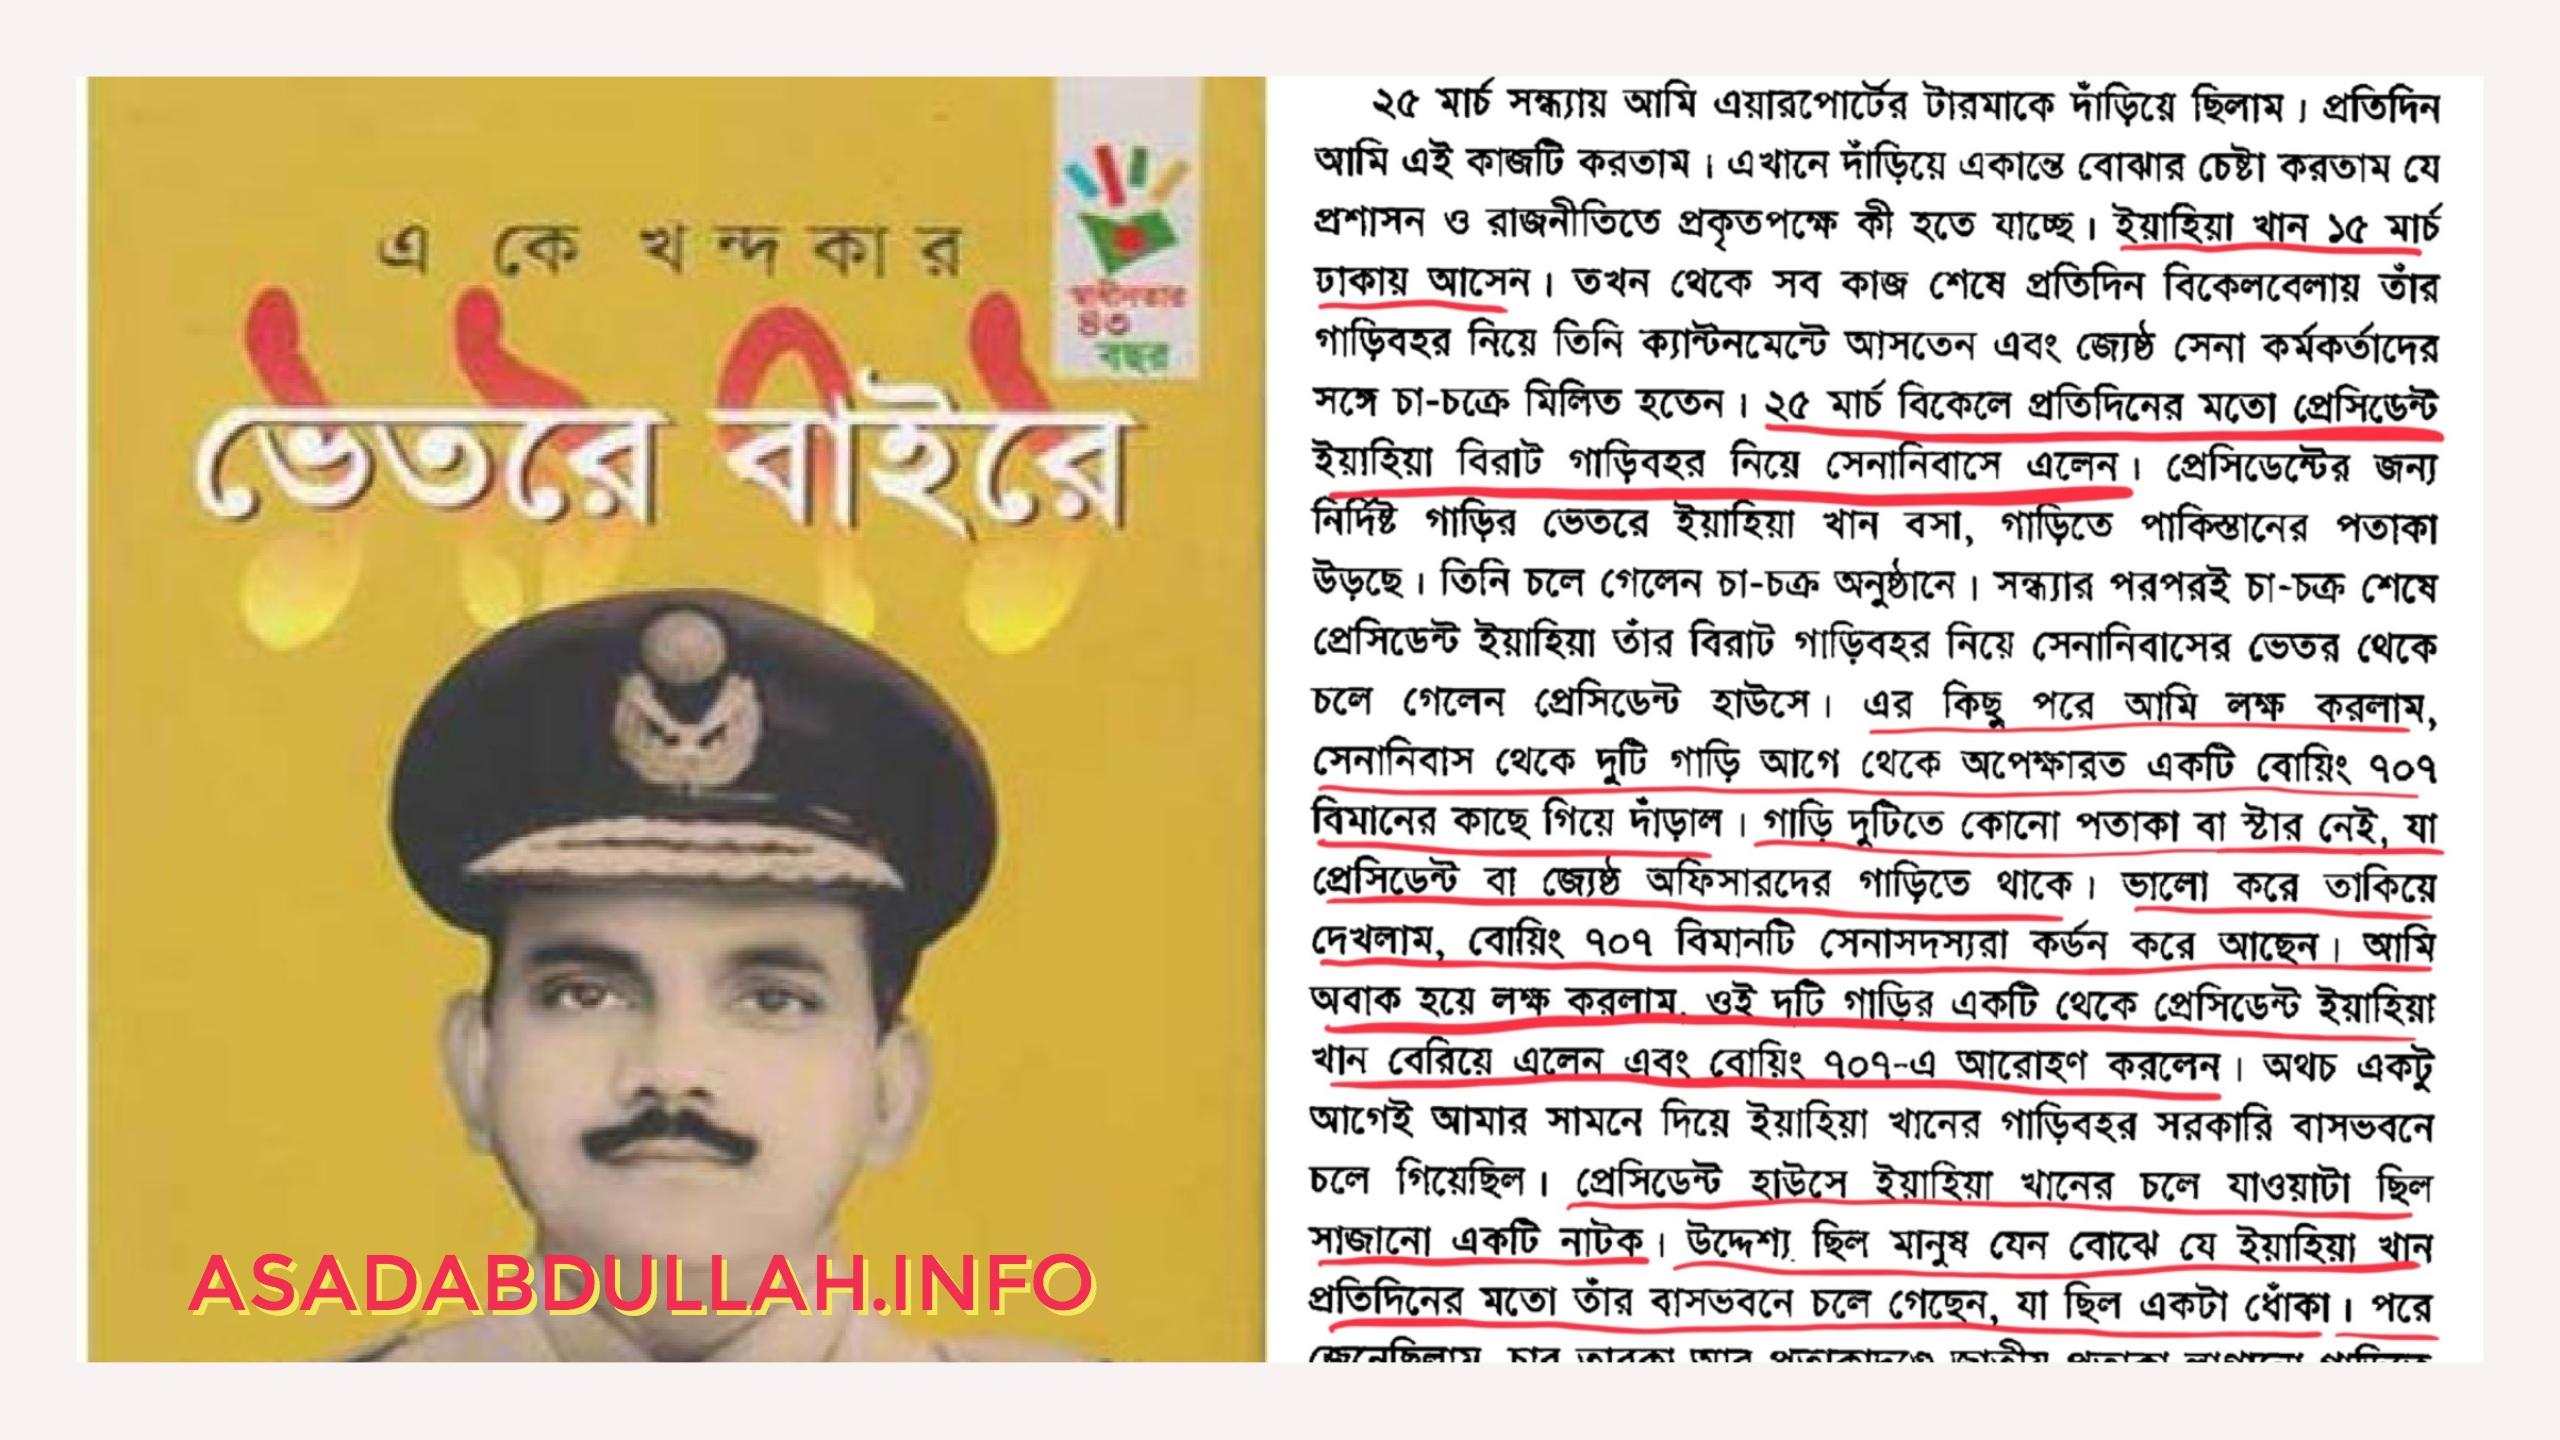 how Yahya khan ran way from Bangladesh